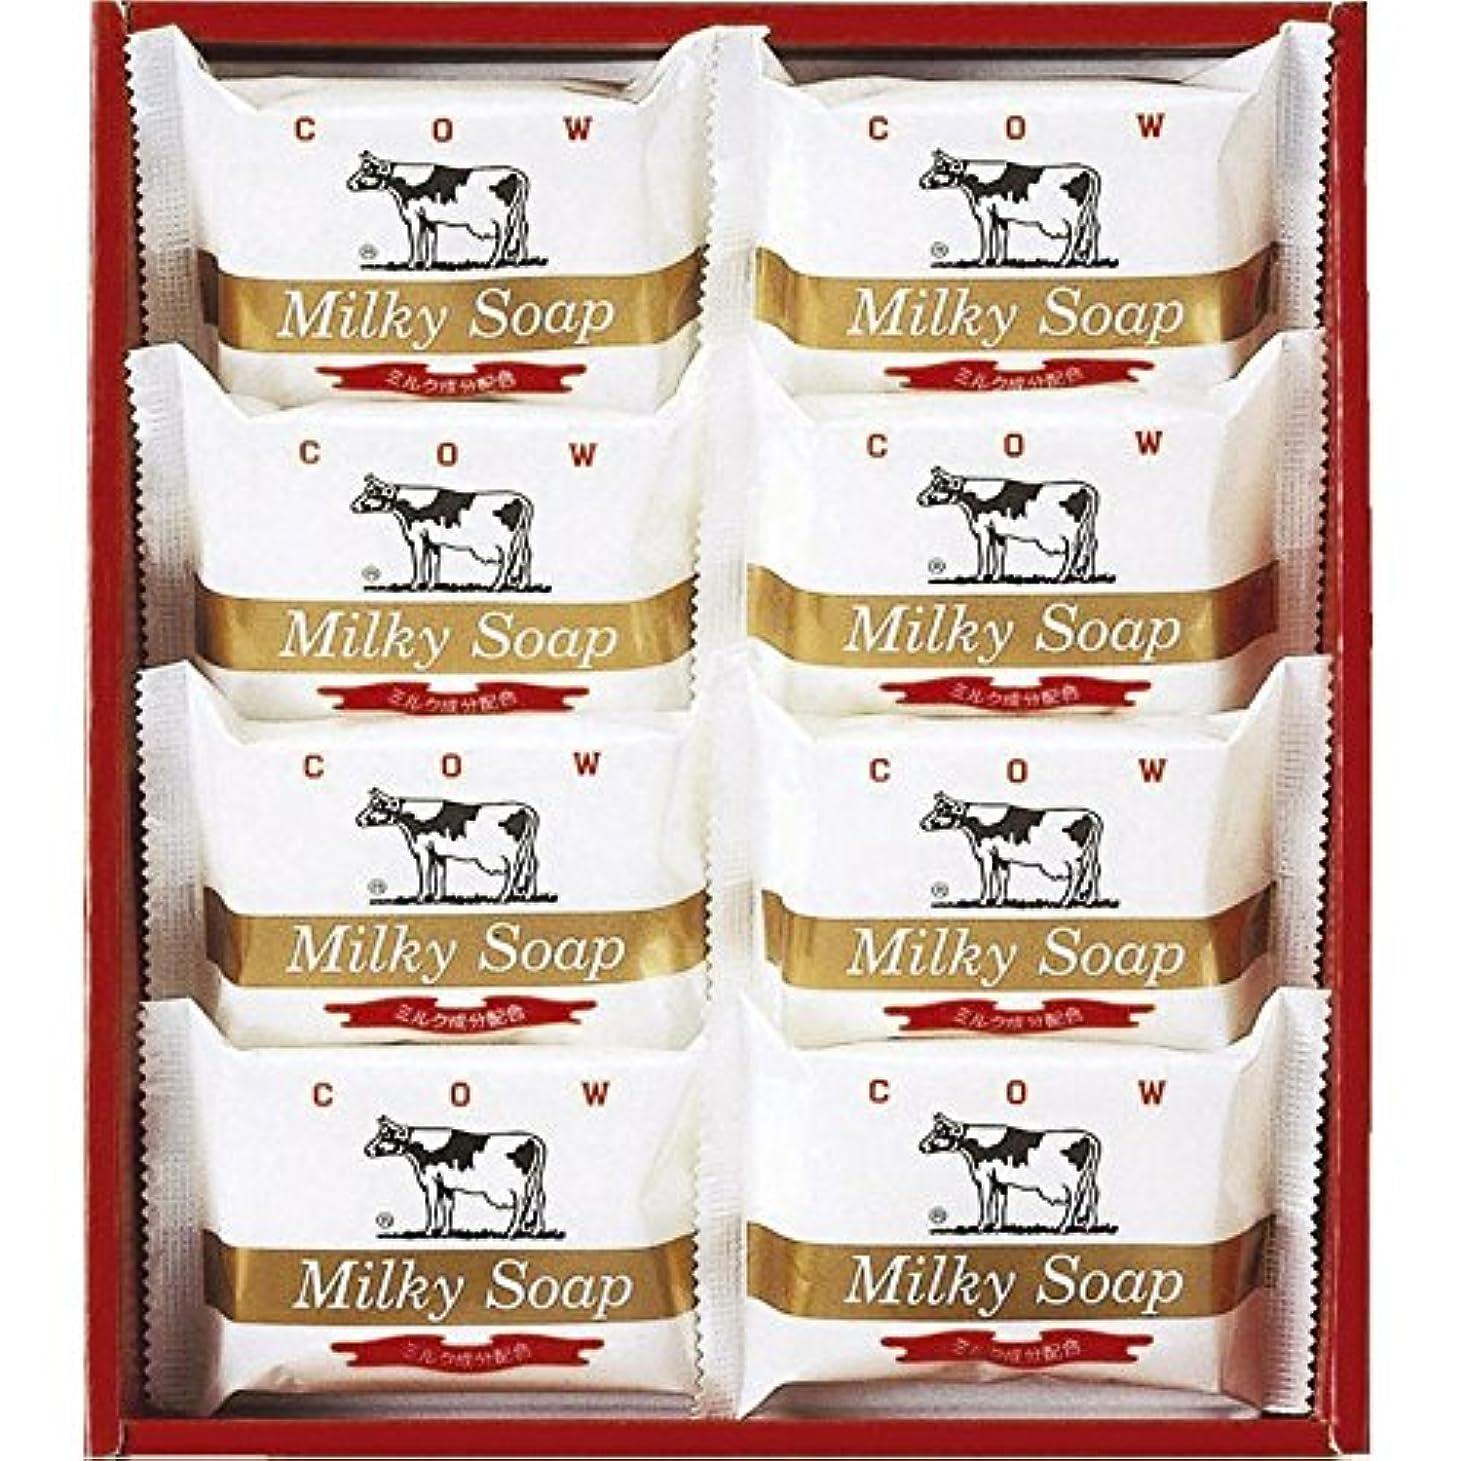 クレタ大一生牛乳石鹸 ゴールドソープセット 【固形 ギフト せっけん あわ いい香り いい匂い うるおい プレゼント お風呂 かおり からだ きれい つめあわせ かうぶらんど 1000】